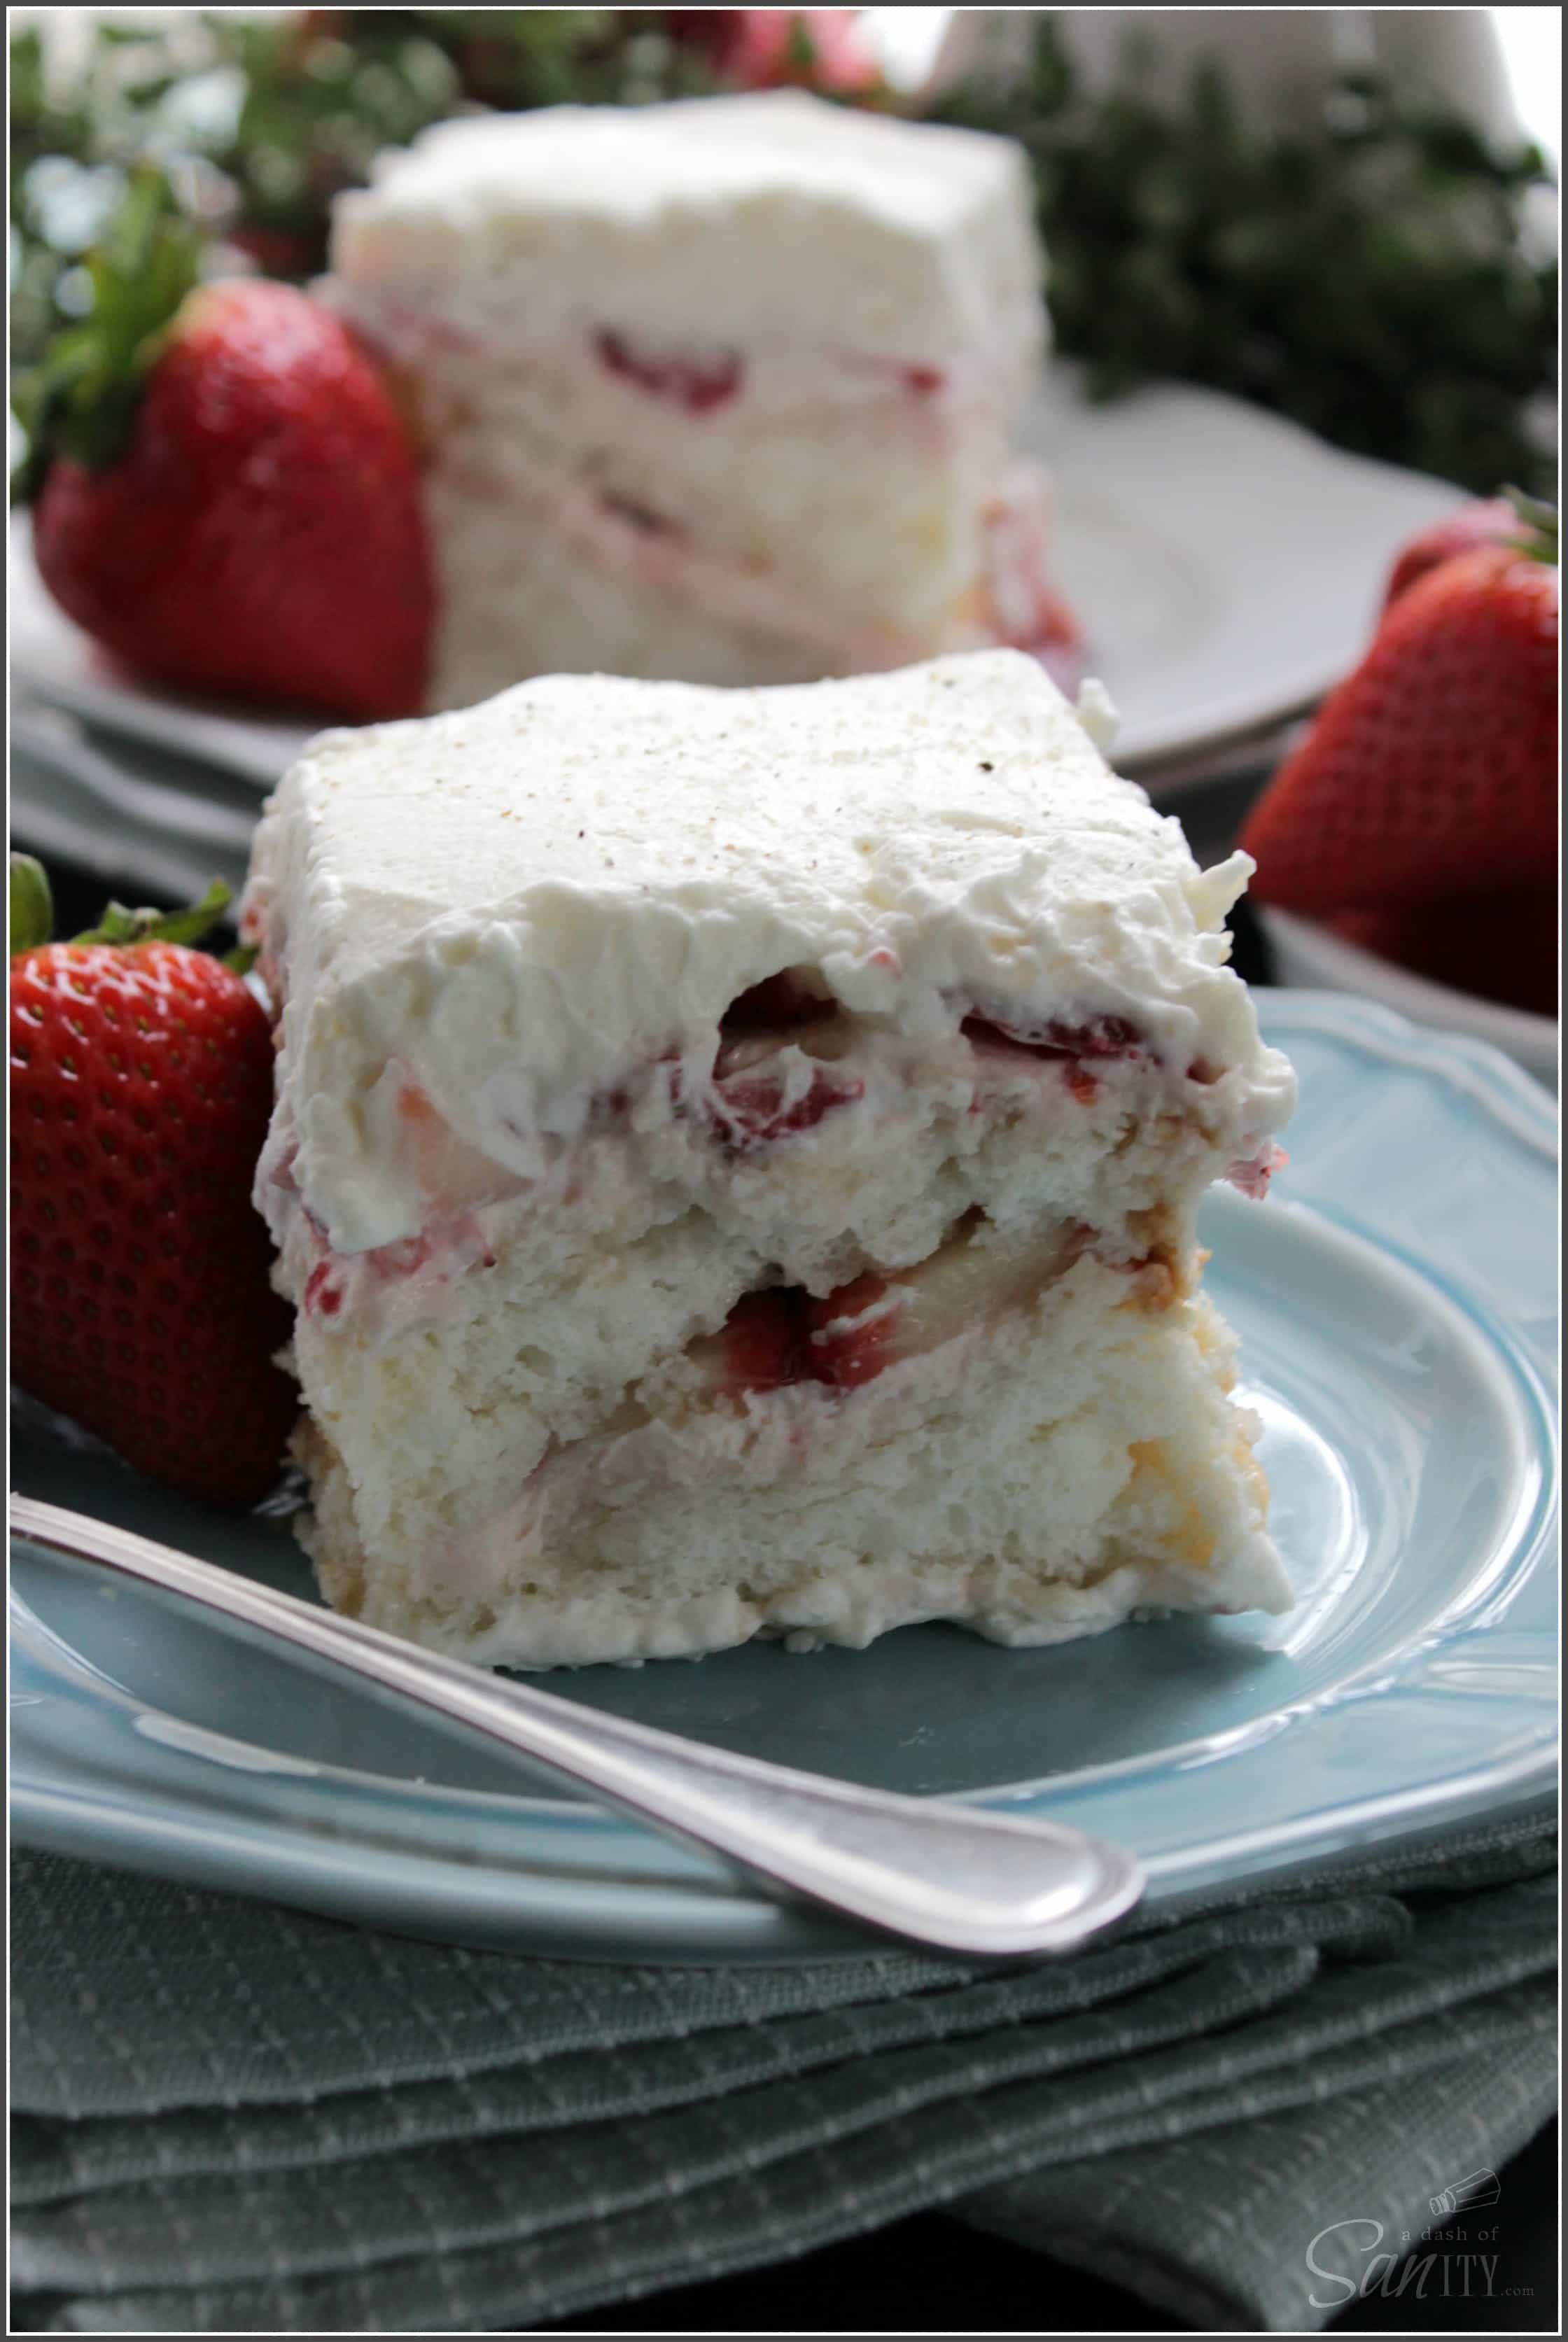 Strawberry & Angel Food Cake Tiramisu